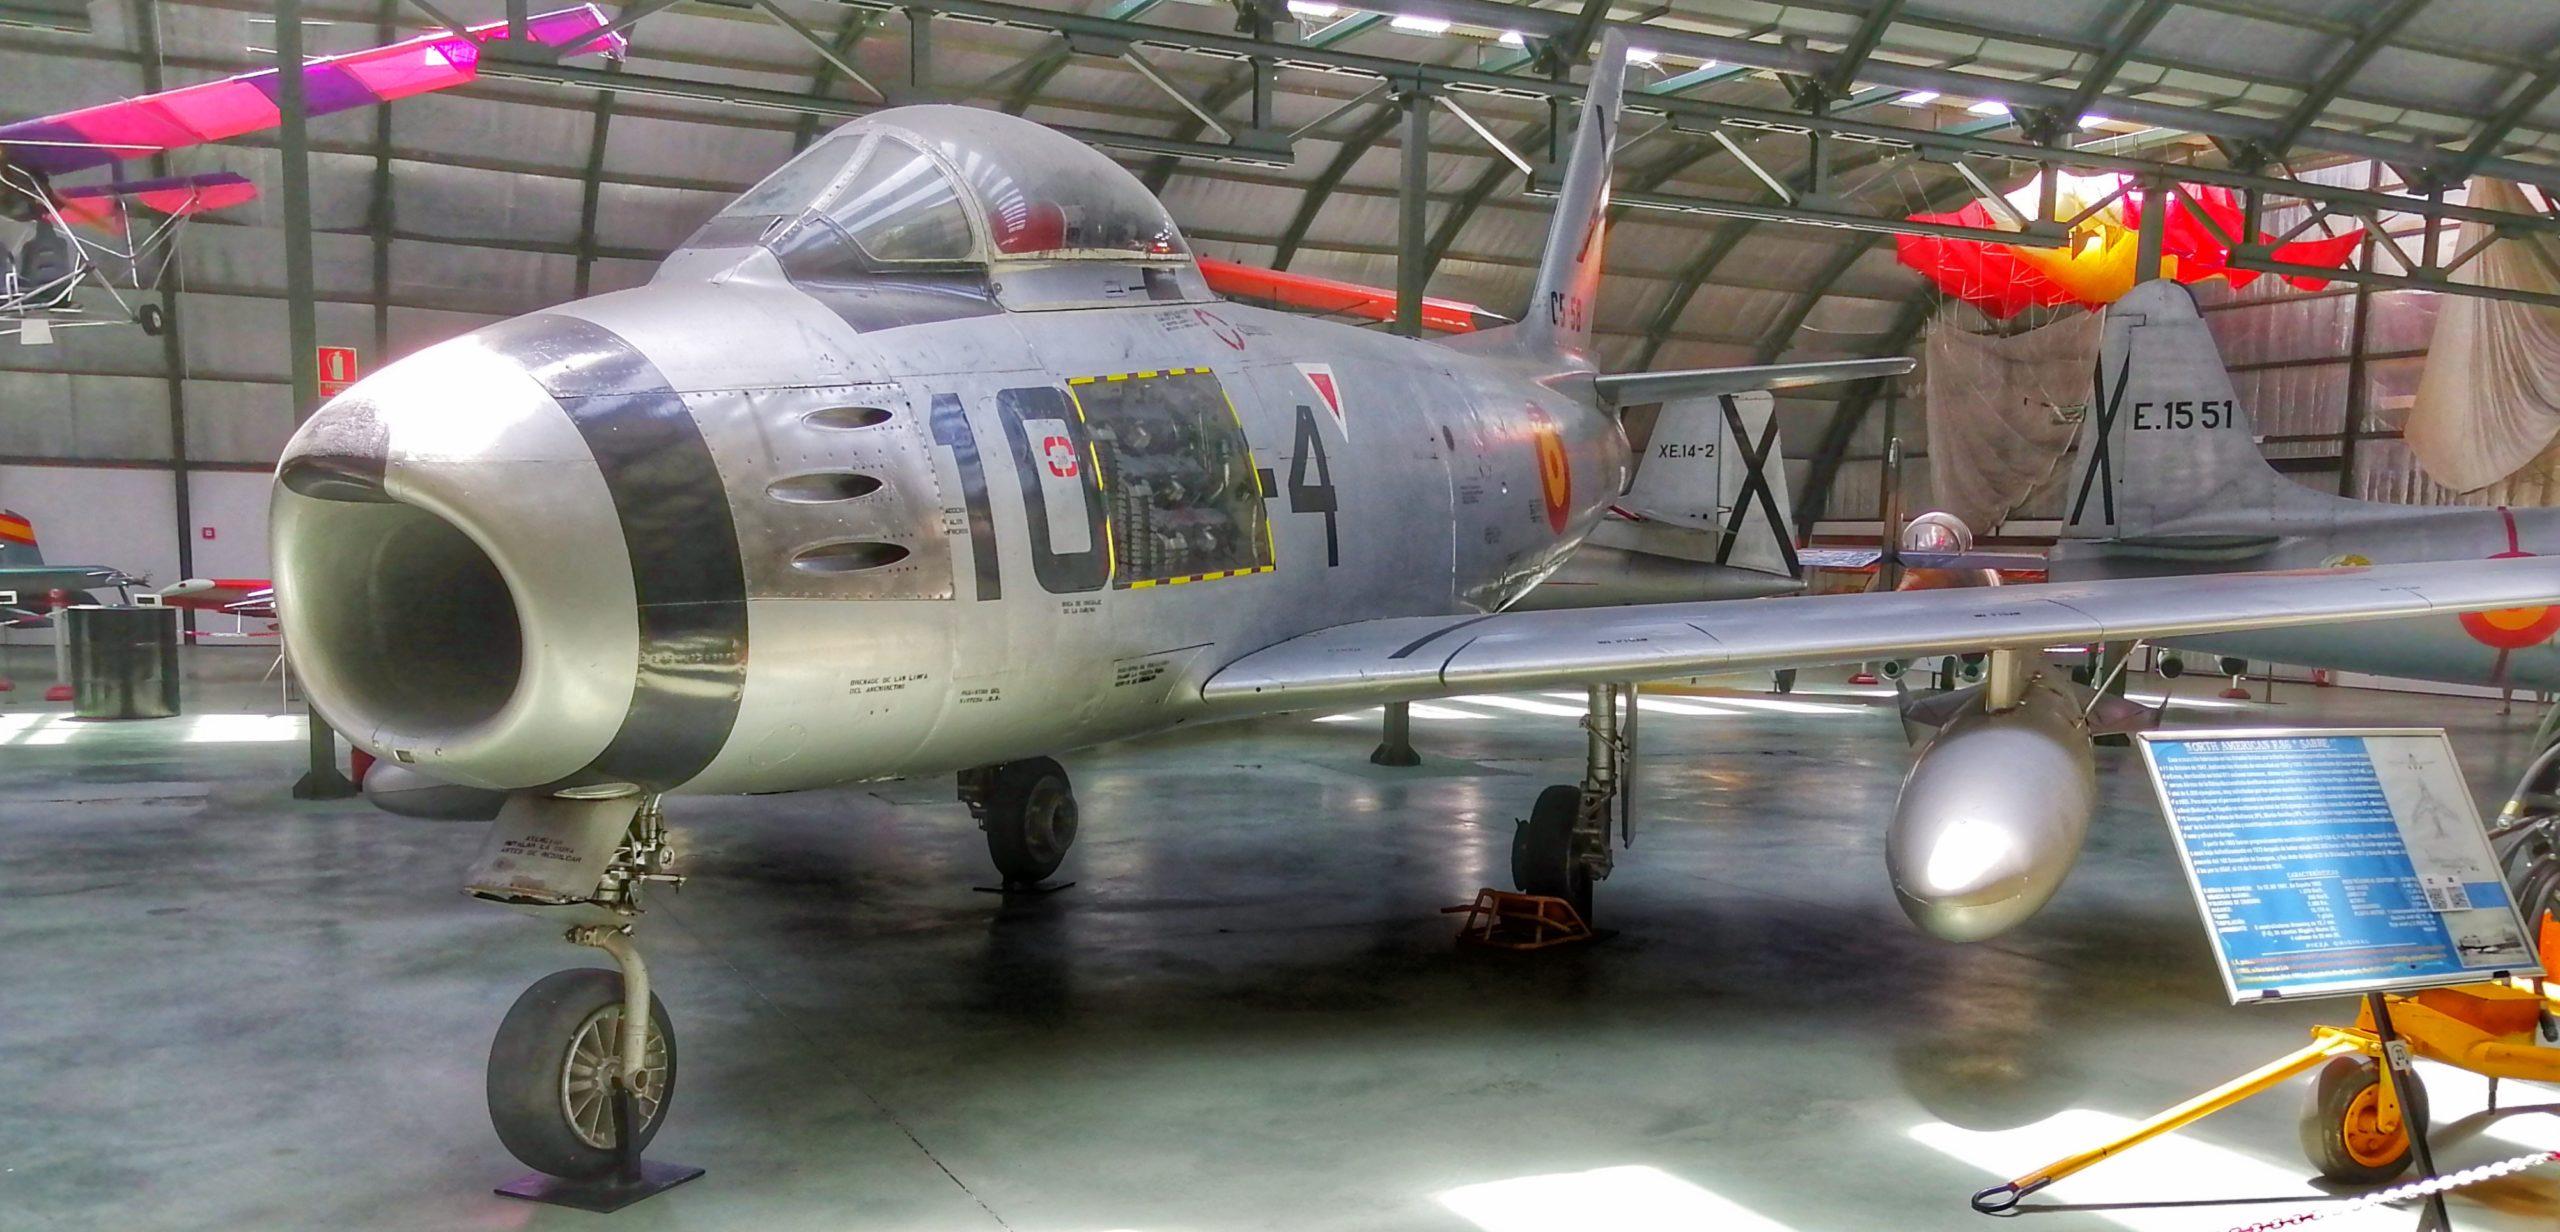 Noth American F-86 (Sabre).